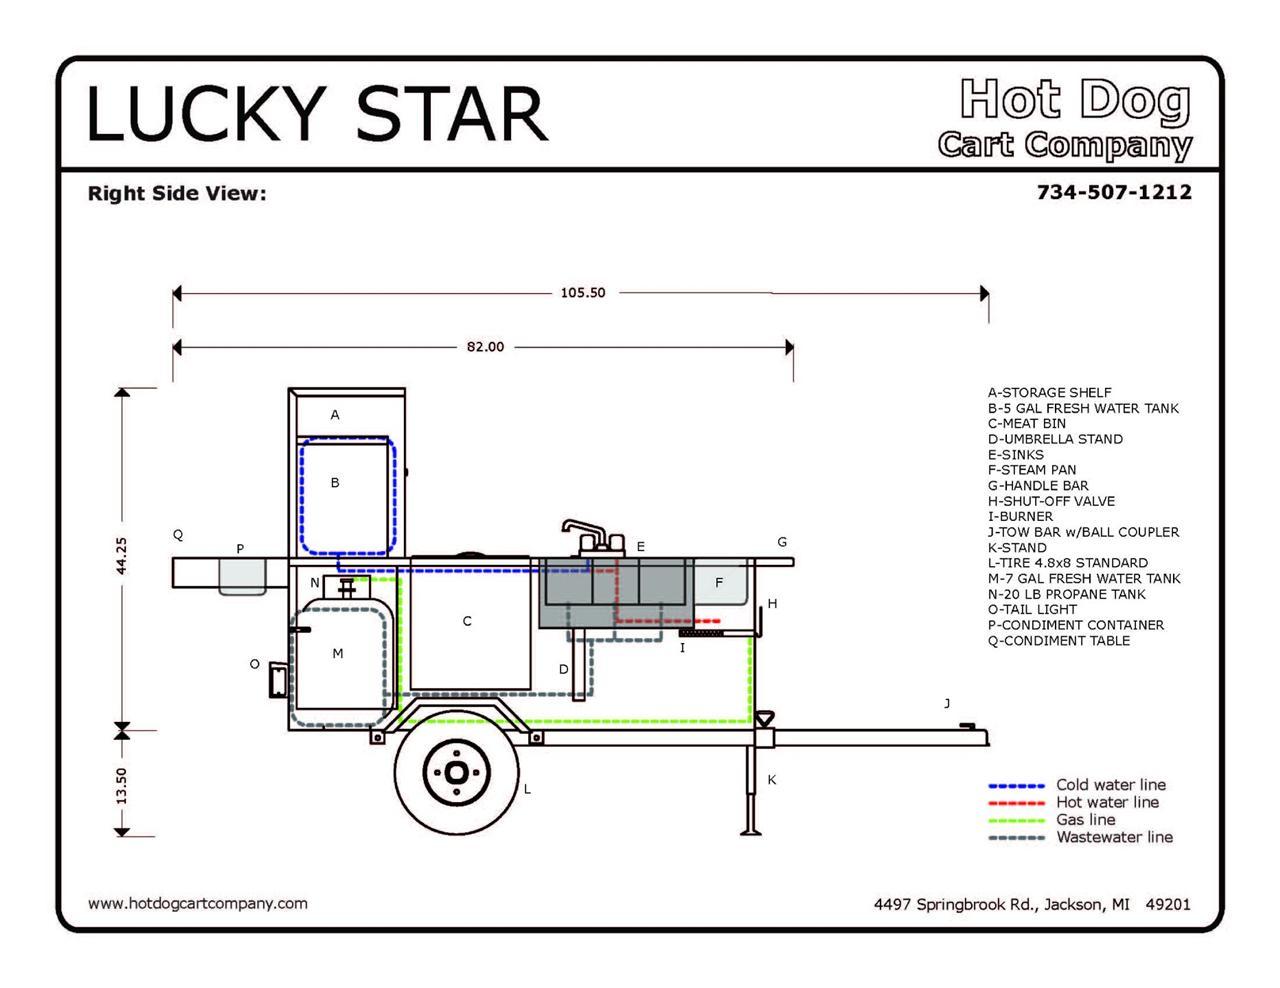 Lucky Star Hot Dog Cart